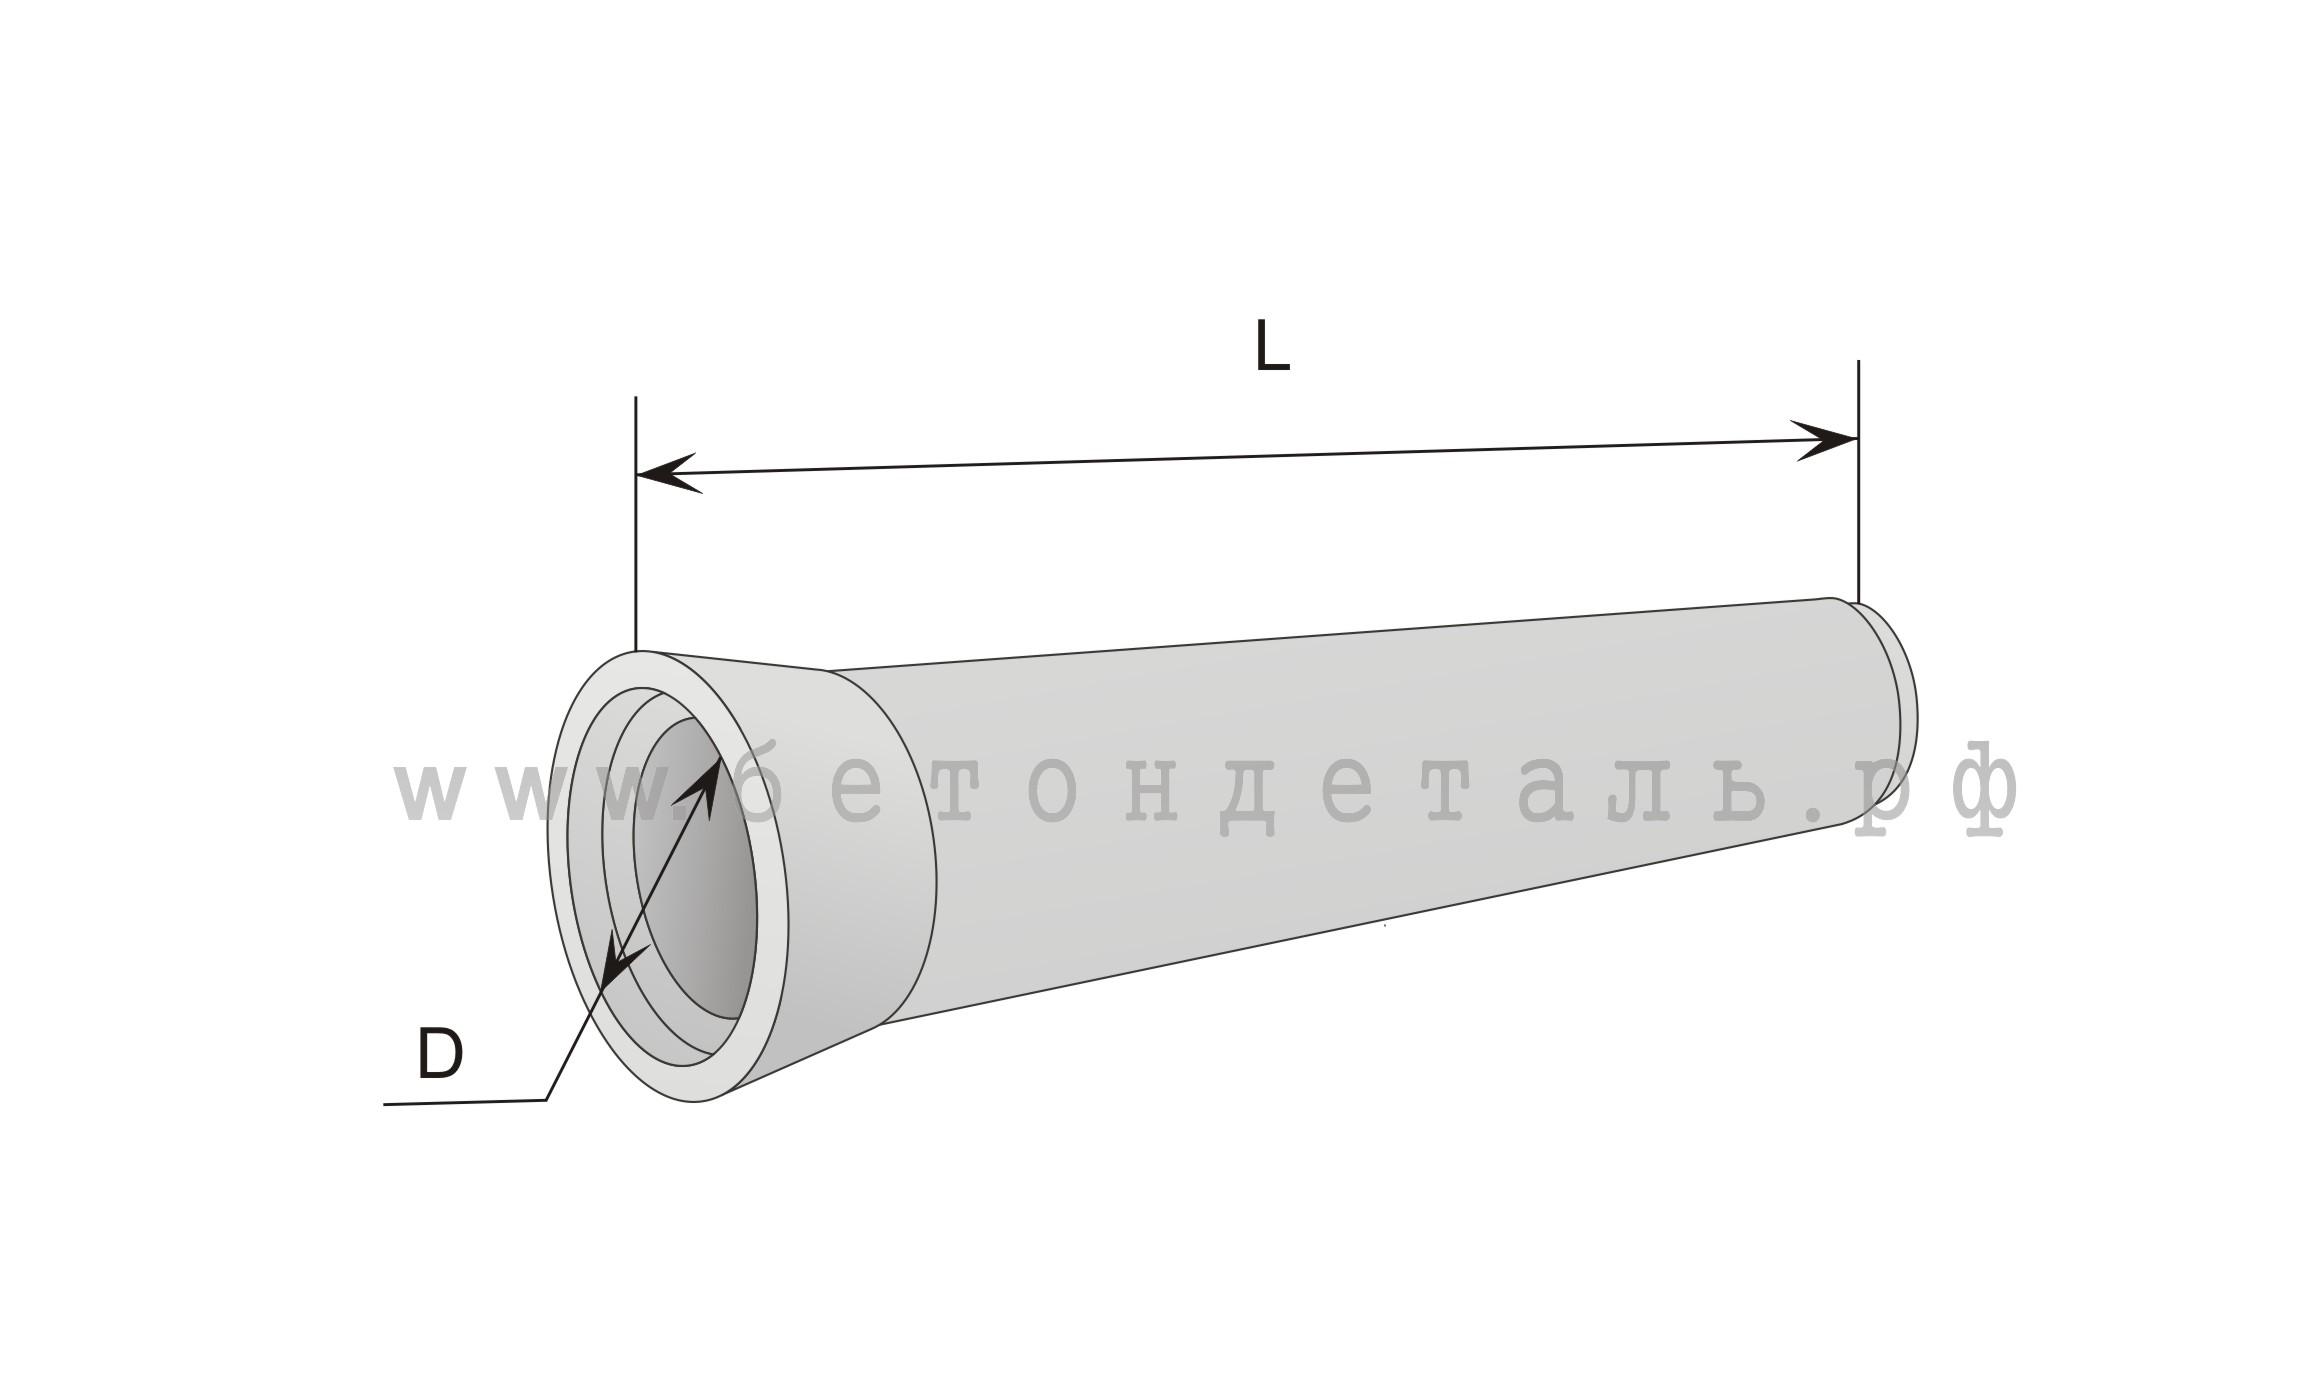 Как происходит соединение между безнапорной трубой и железобетонным колодцем